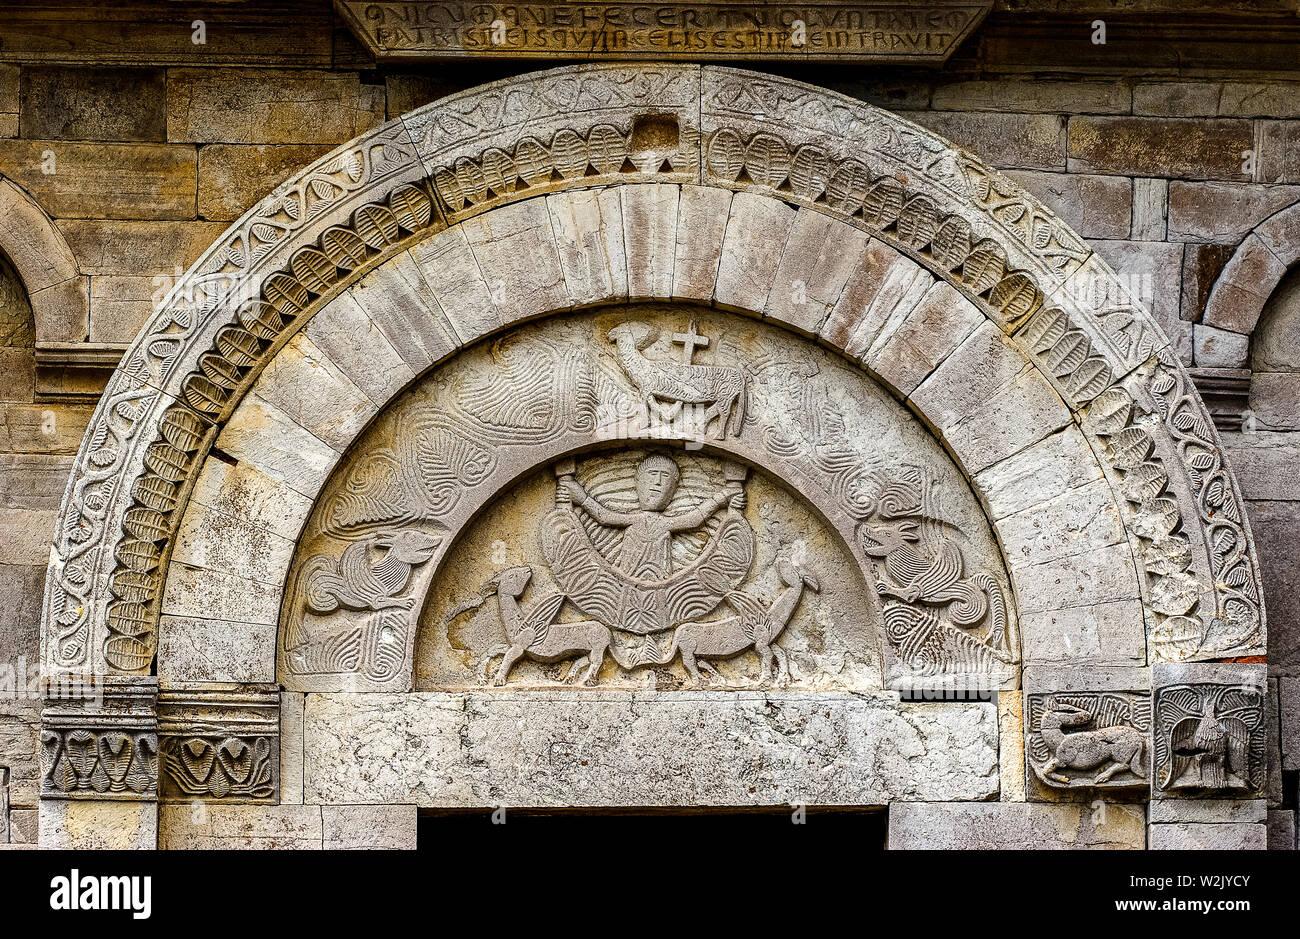 Italia Molise Matrice (Cb) - Chiesa di Santa Maria della Strada XI - XII secolo - Alessandro il Grande vola verso il sole in un carrello trainato da due grifoni alati - bassorilievo sul portale laterale Foto Stock